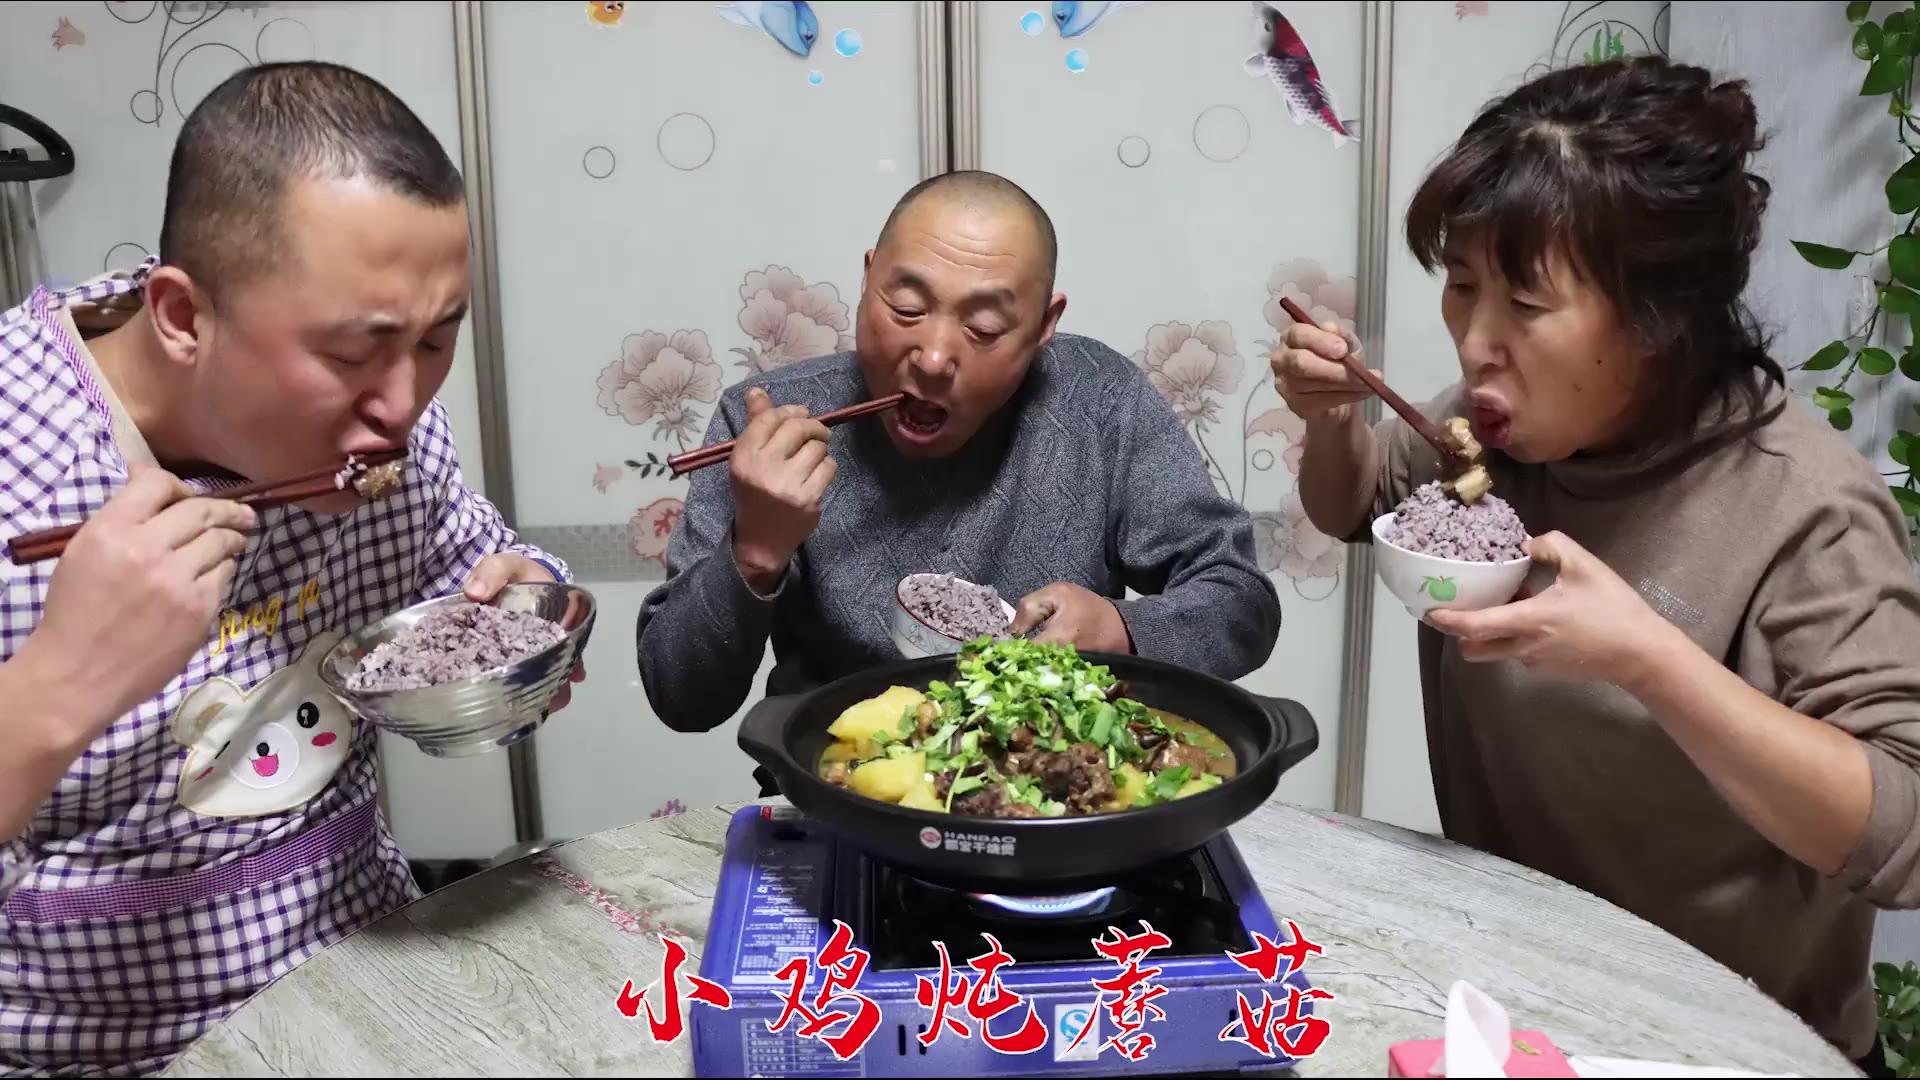 东北名菜小笨鸡炖蘑菇的做法,肉质软烂,鸡汤浓郁,名不虚传